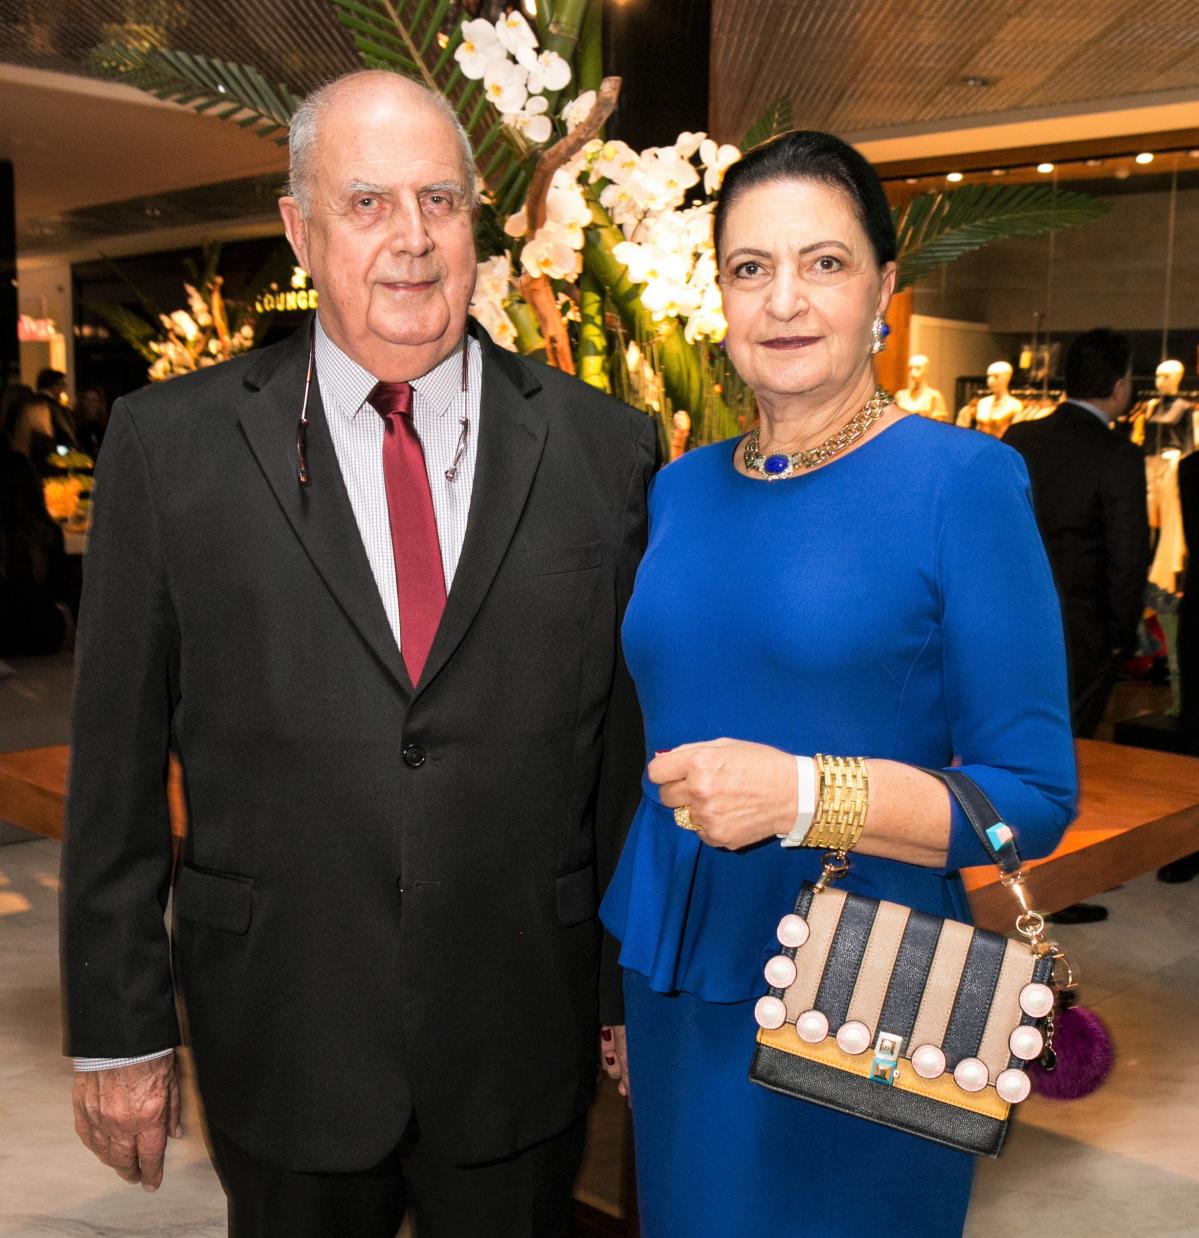 Roberto Telles Ferreira e Beatriz - RENATO GAMA/DIVULGAÇÃO/ND